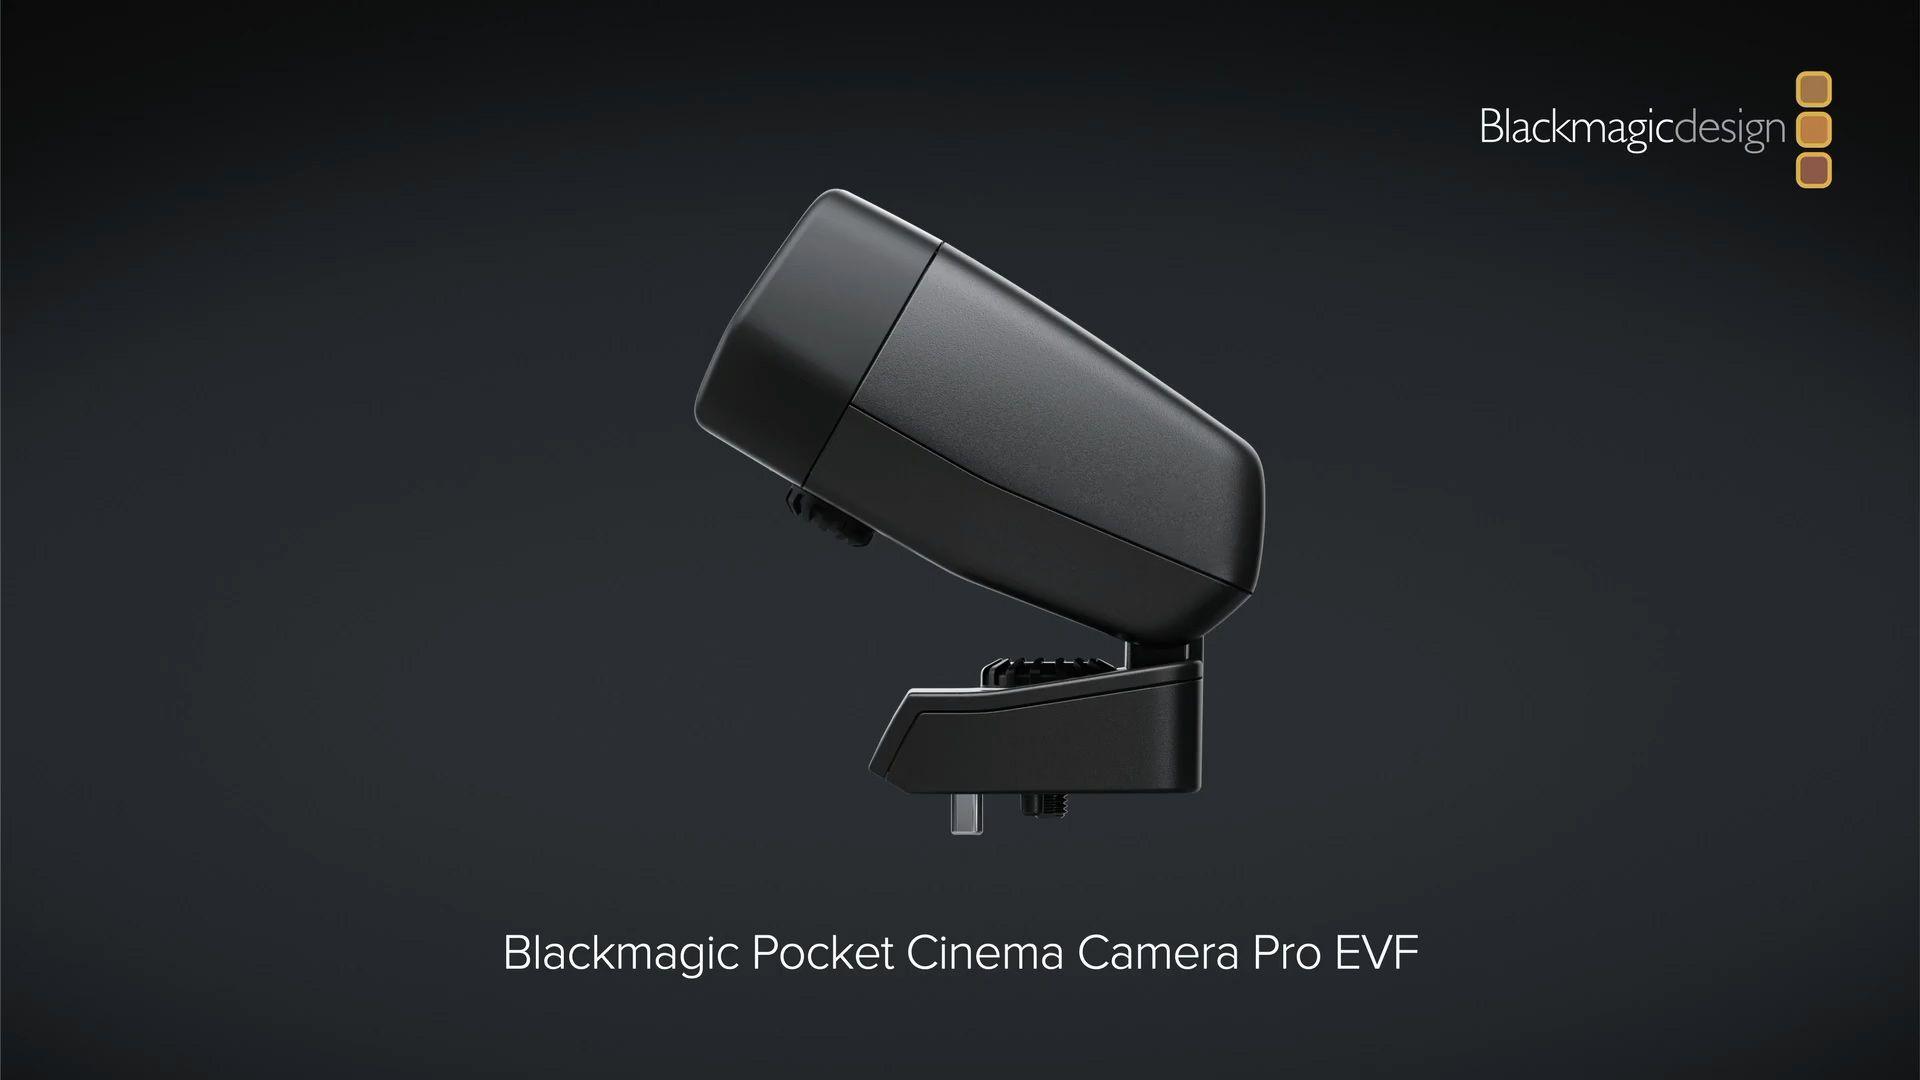 Съемный видоискатель в камере Blackmagic Pocket Cinema Camera 6K Pro